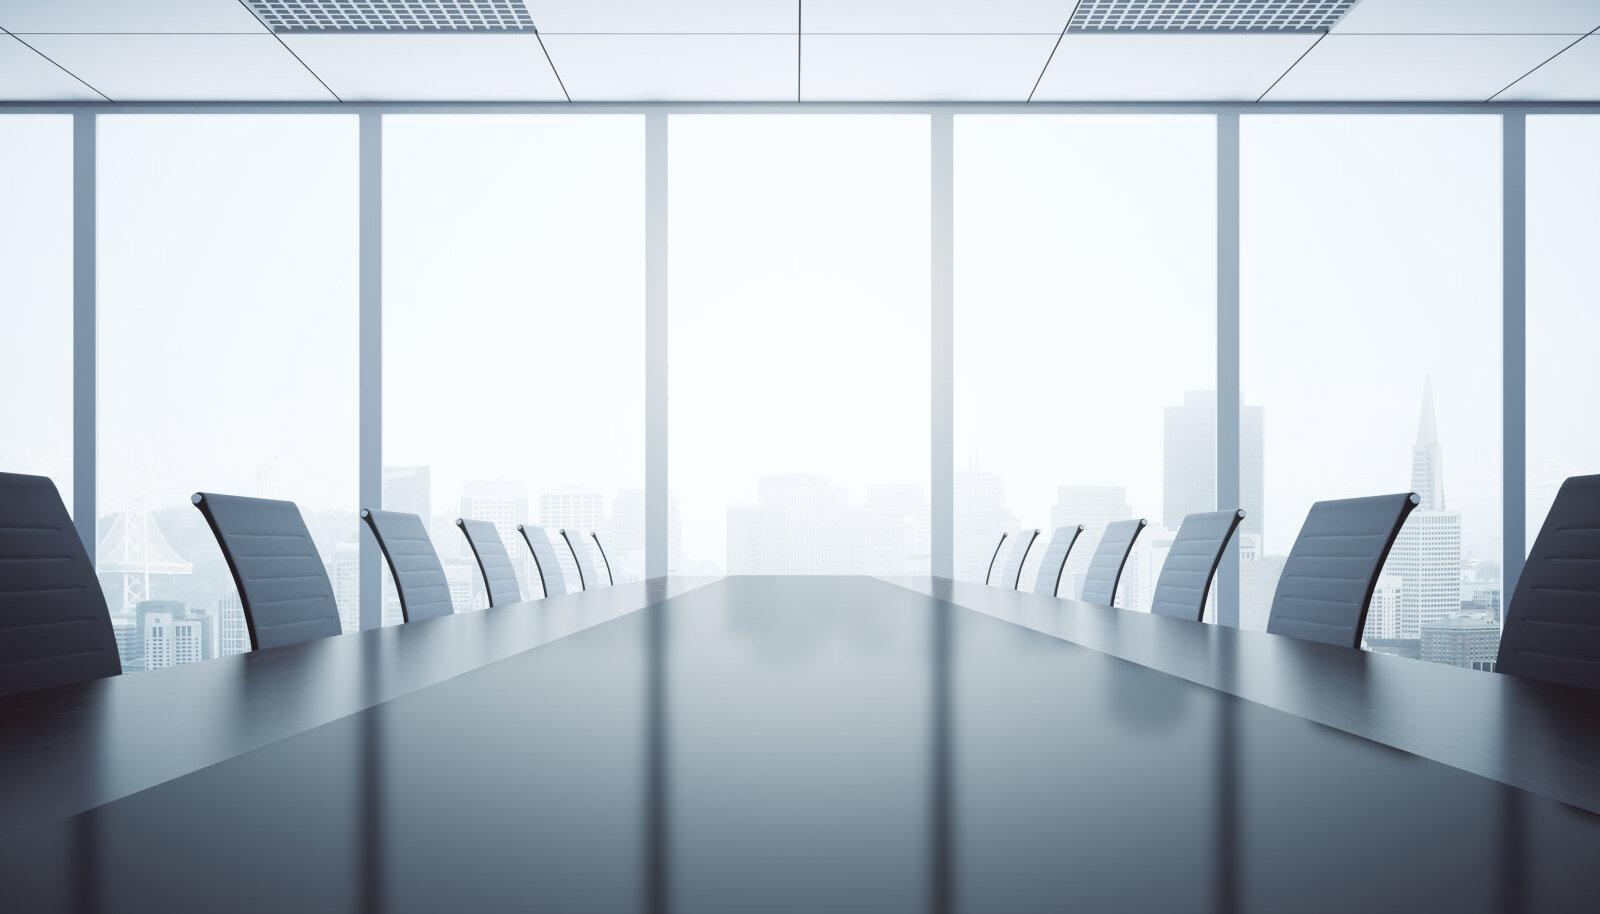 Tühi koosolekuruum